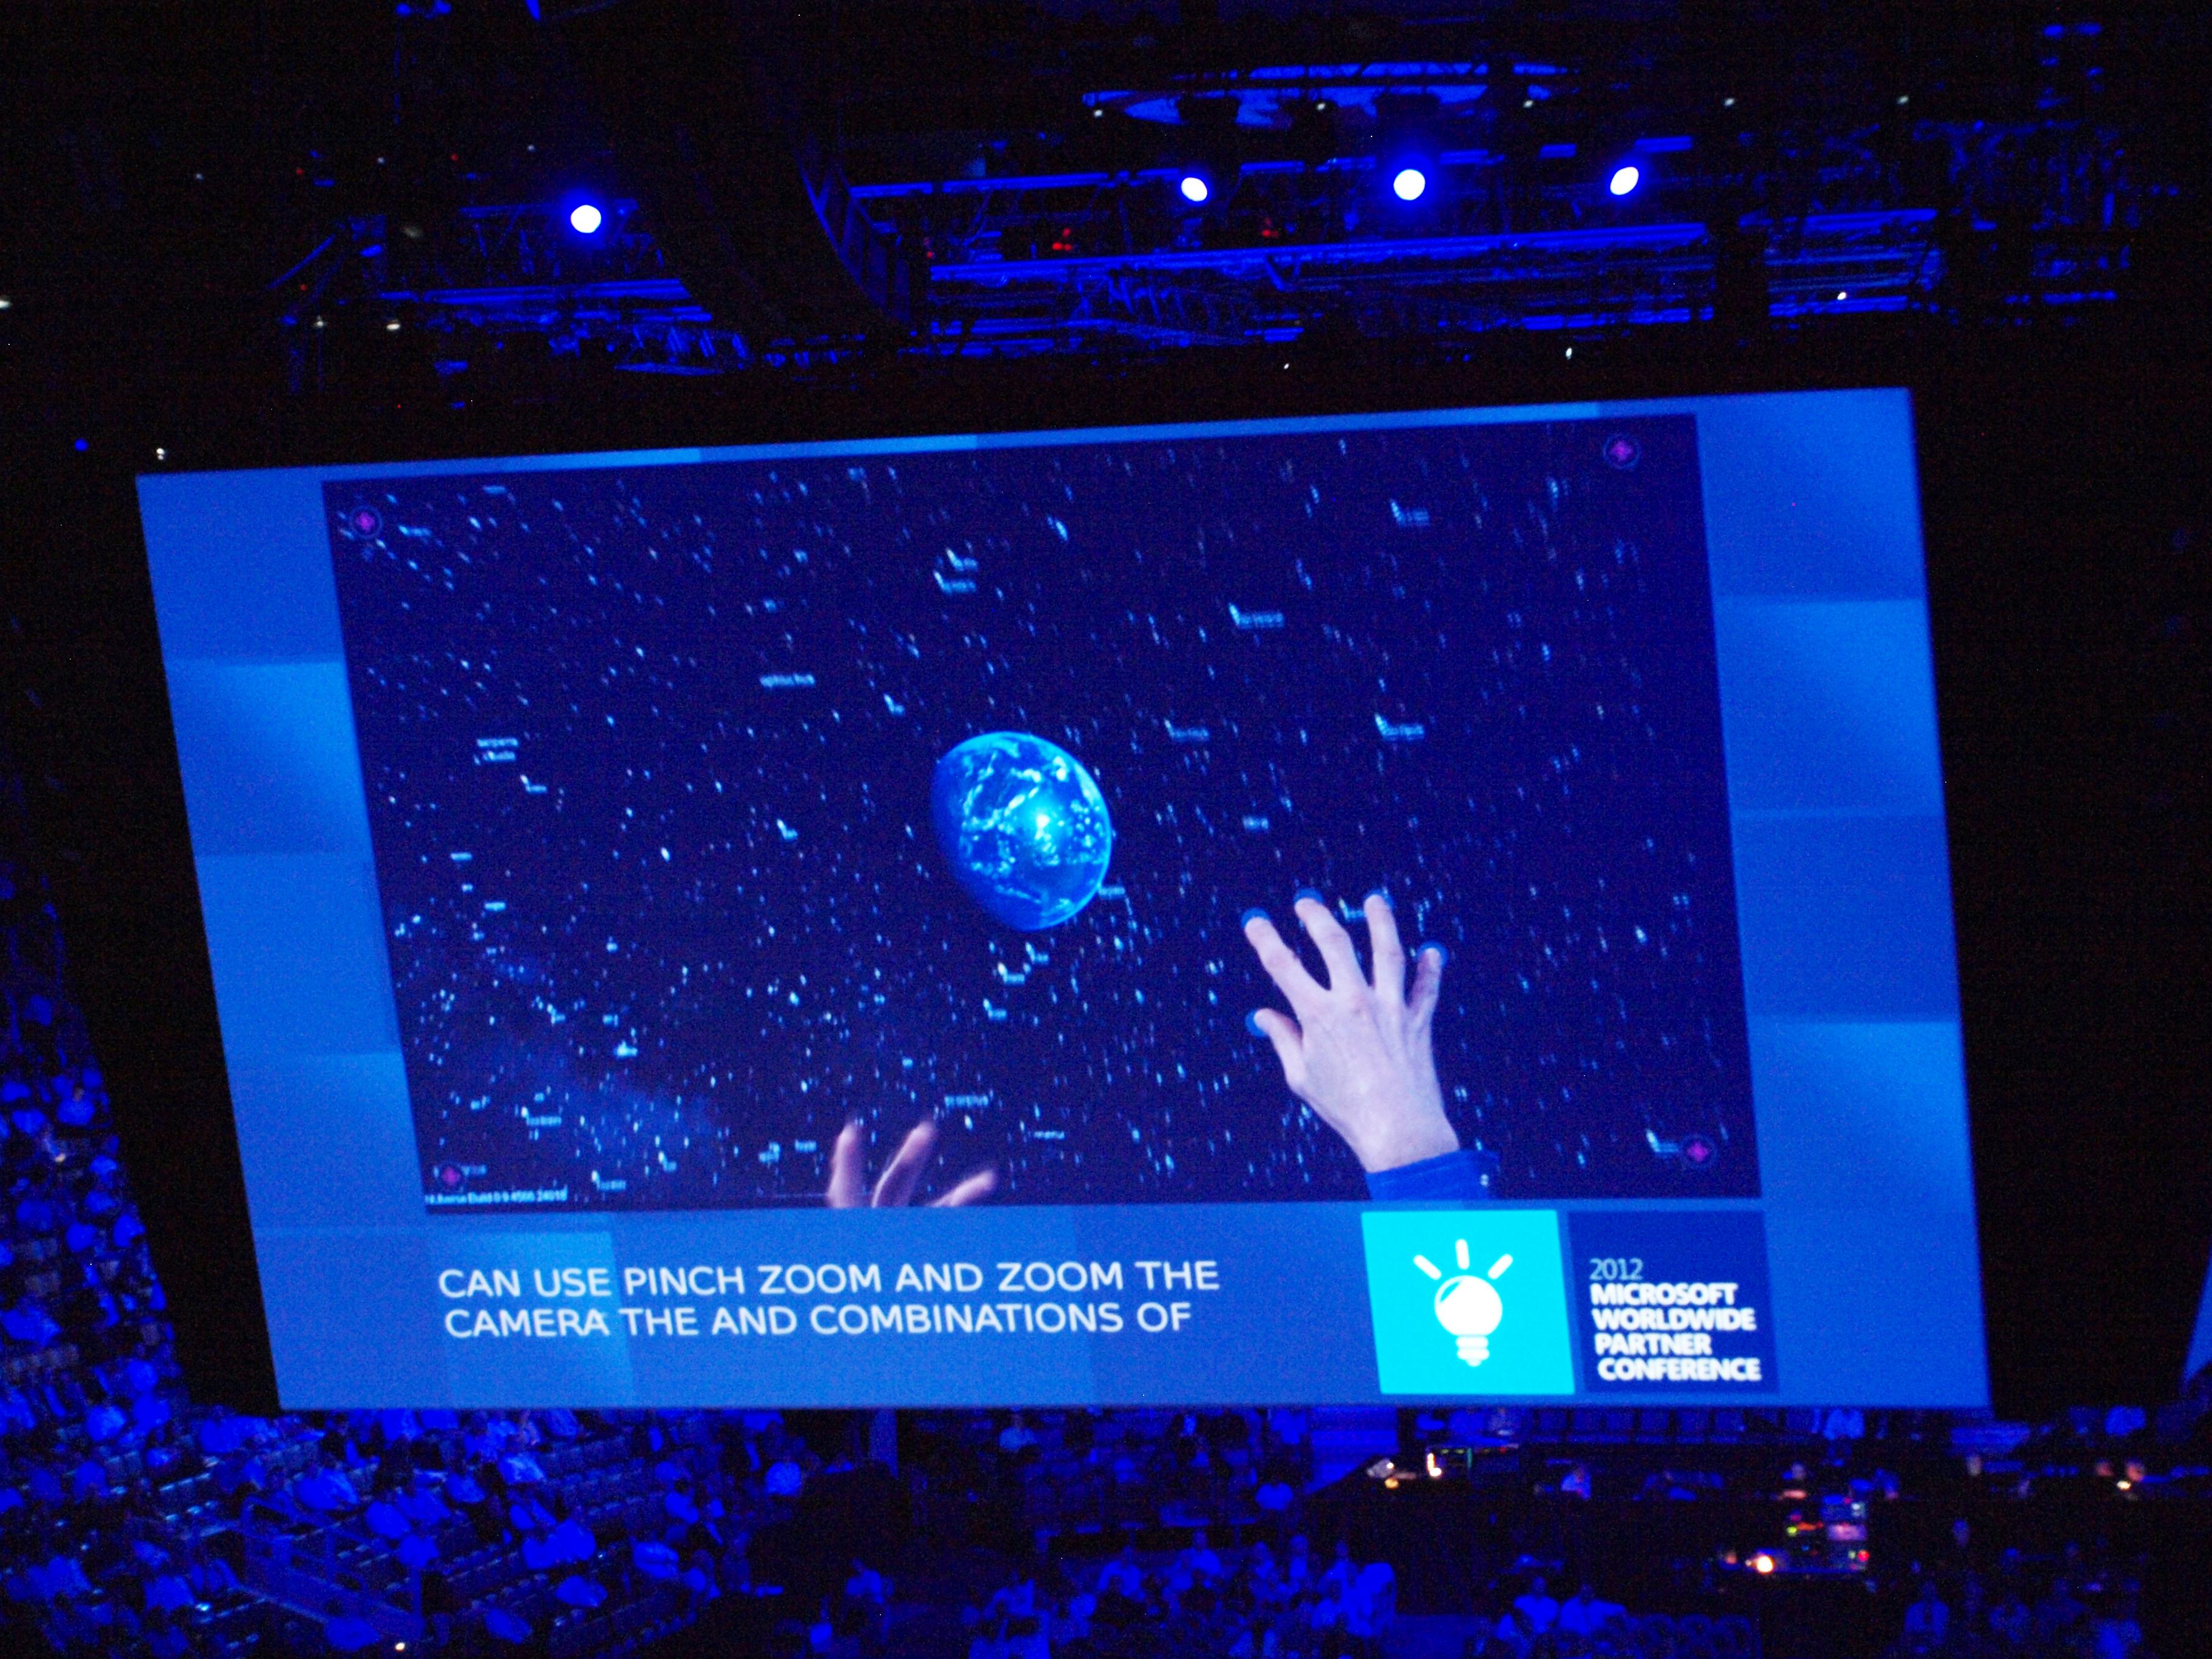 Surfaceのデモ。ディスプレイ上に地球や宇宙船のオブジェクトをタッチ操作で追加/削除していた。ズームやピンチも自由自在。両手で扱うこともできる